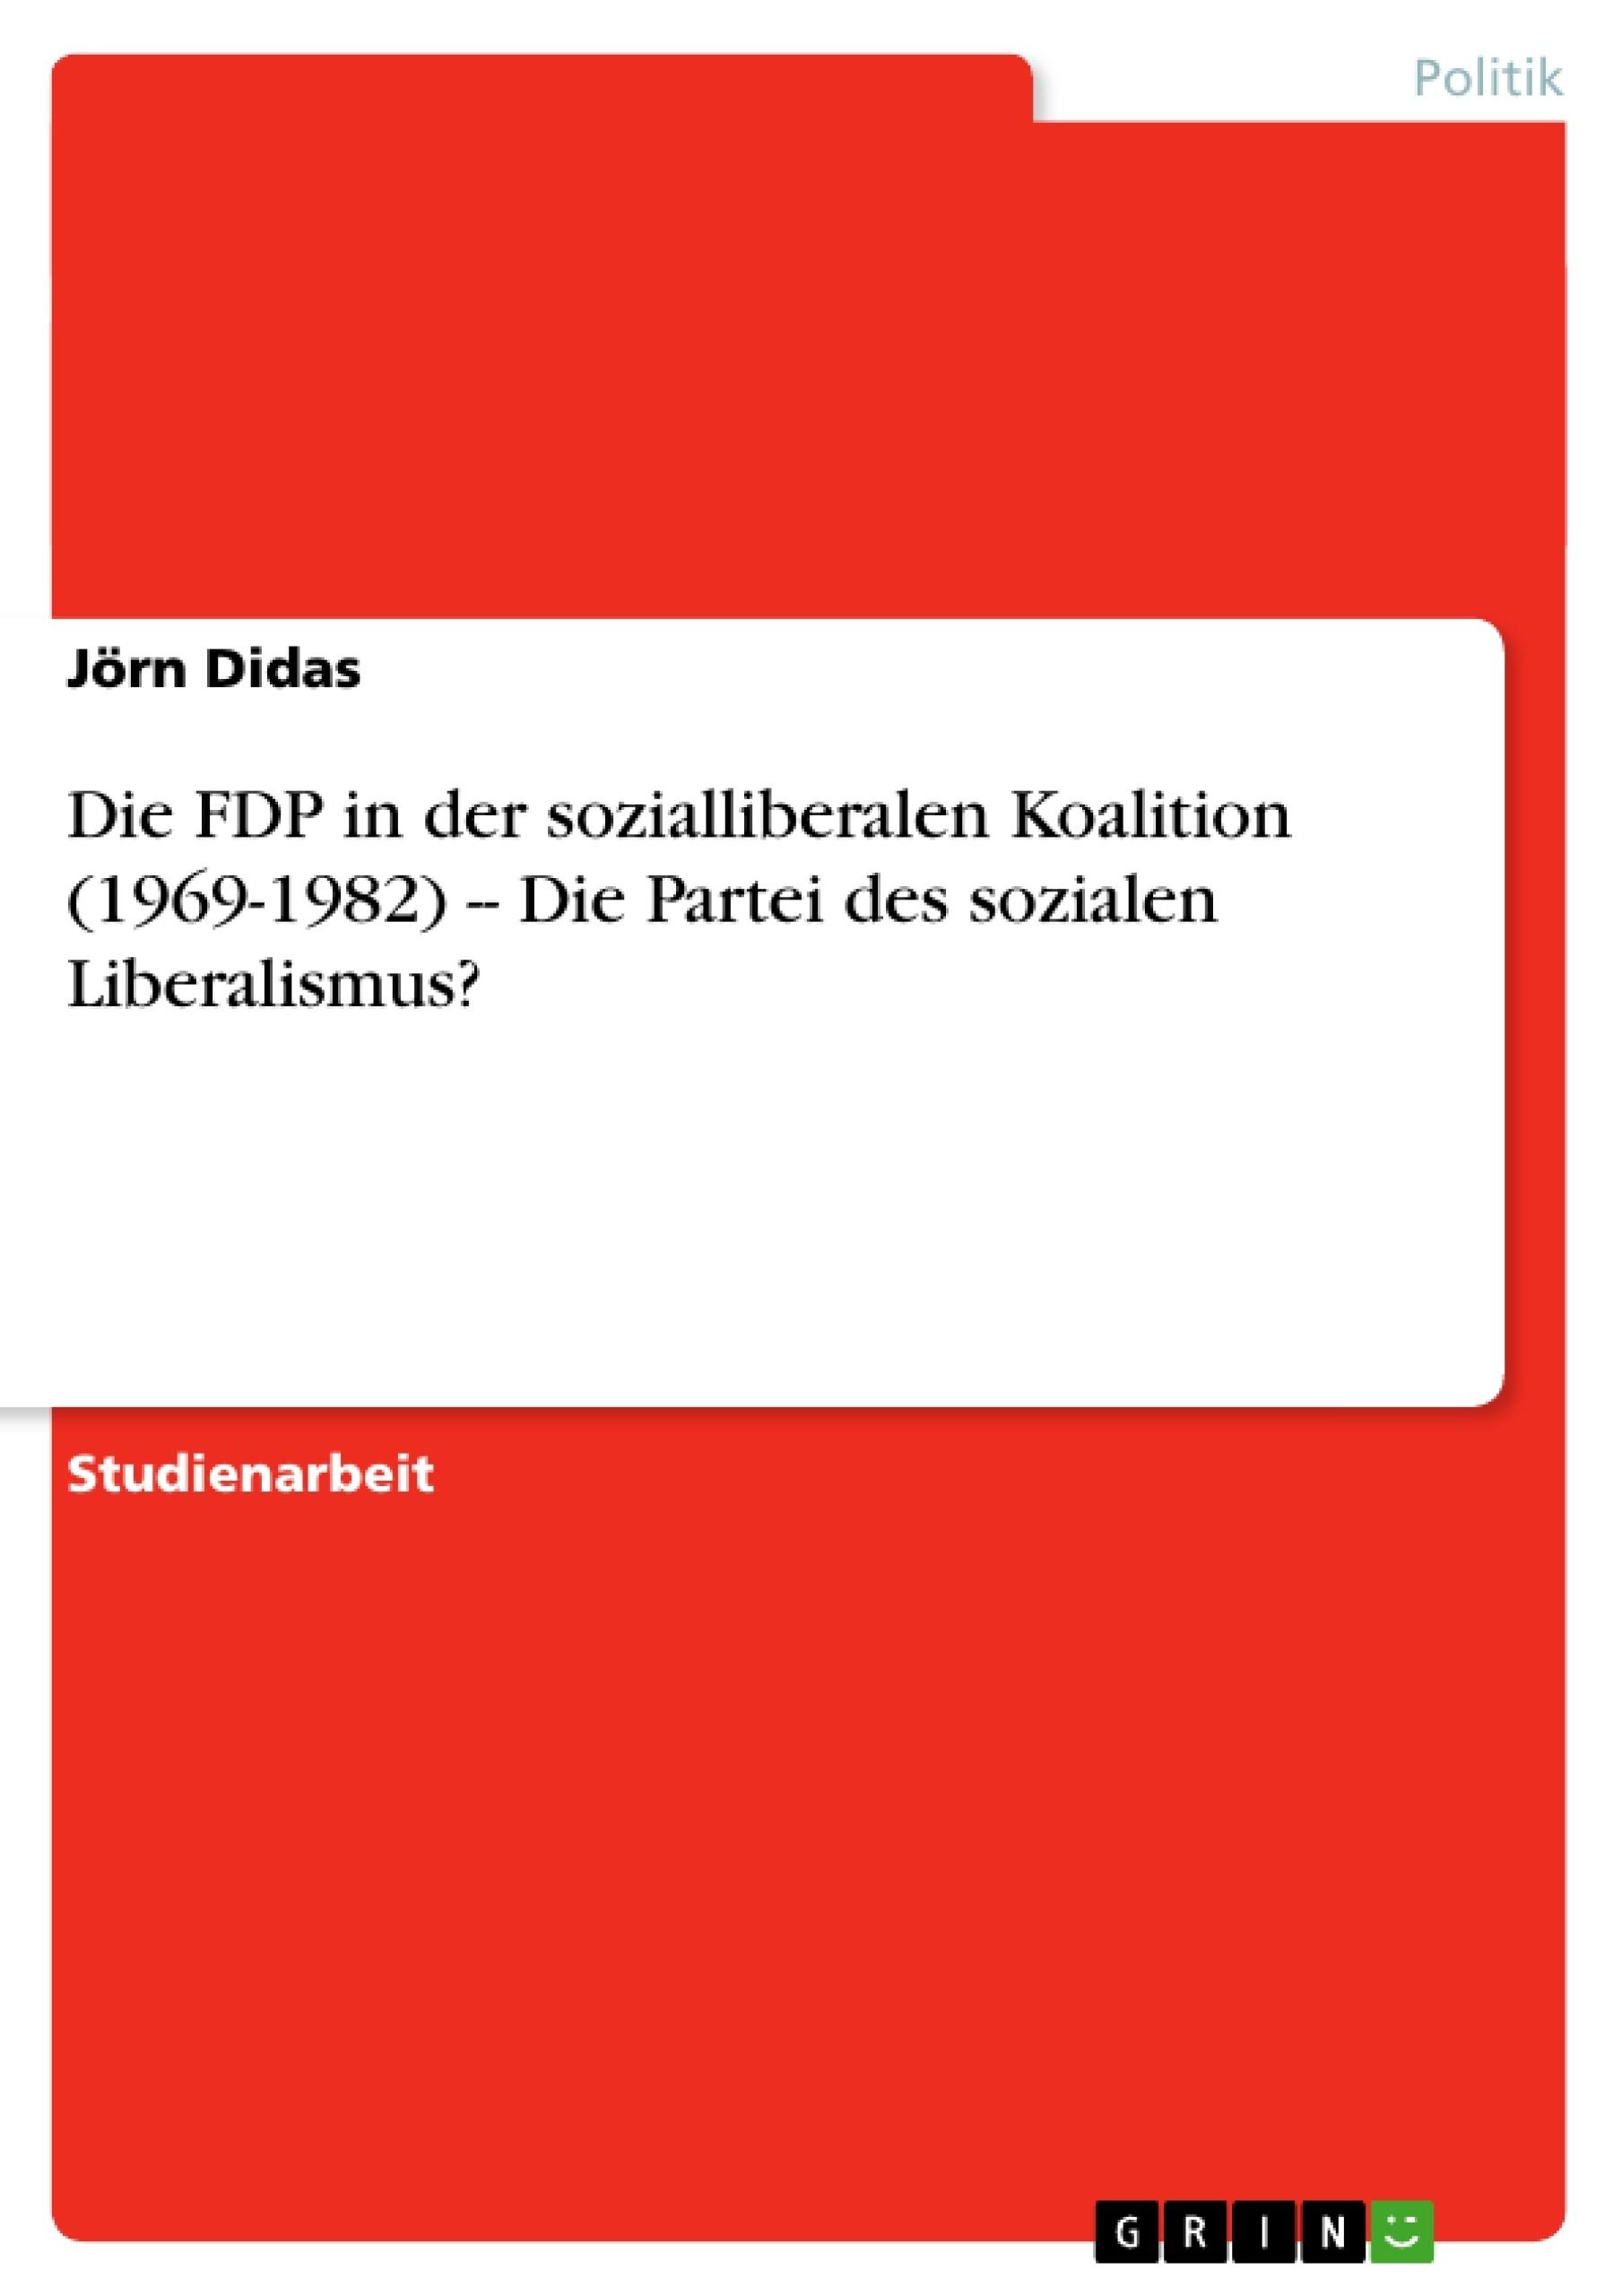 Titel: Die FDP in der sozialliberalen Koalition (1969-1982) -- Die Partei des sozialen Liberalismus?